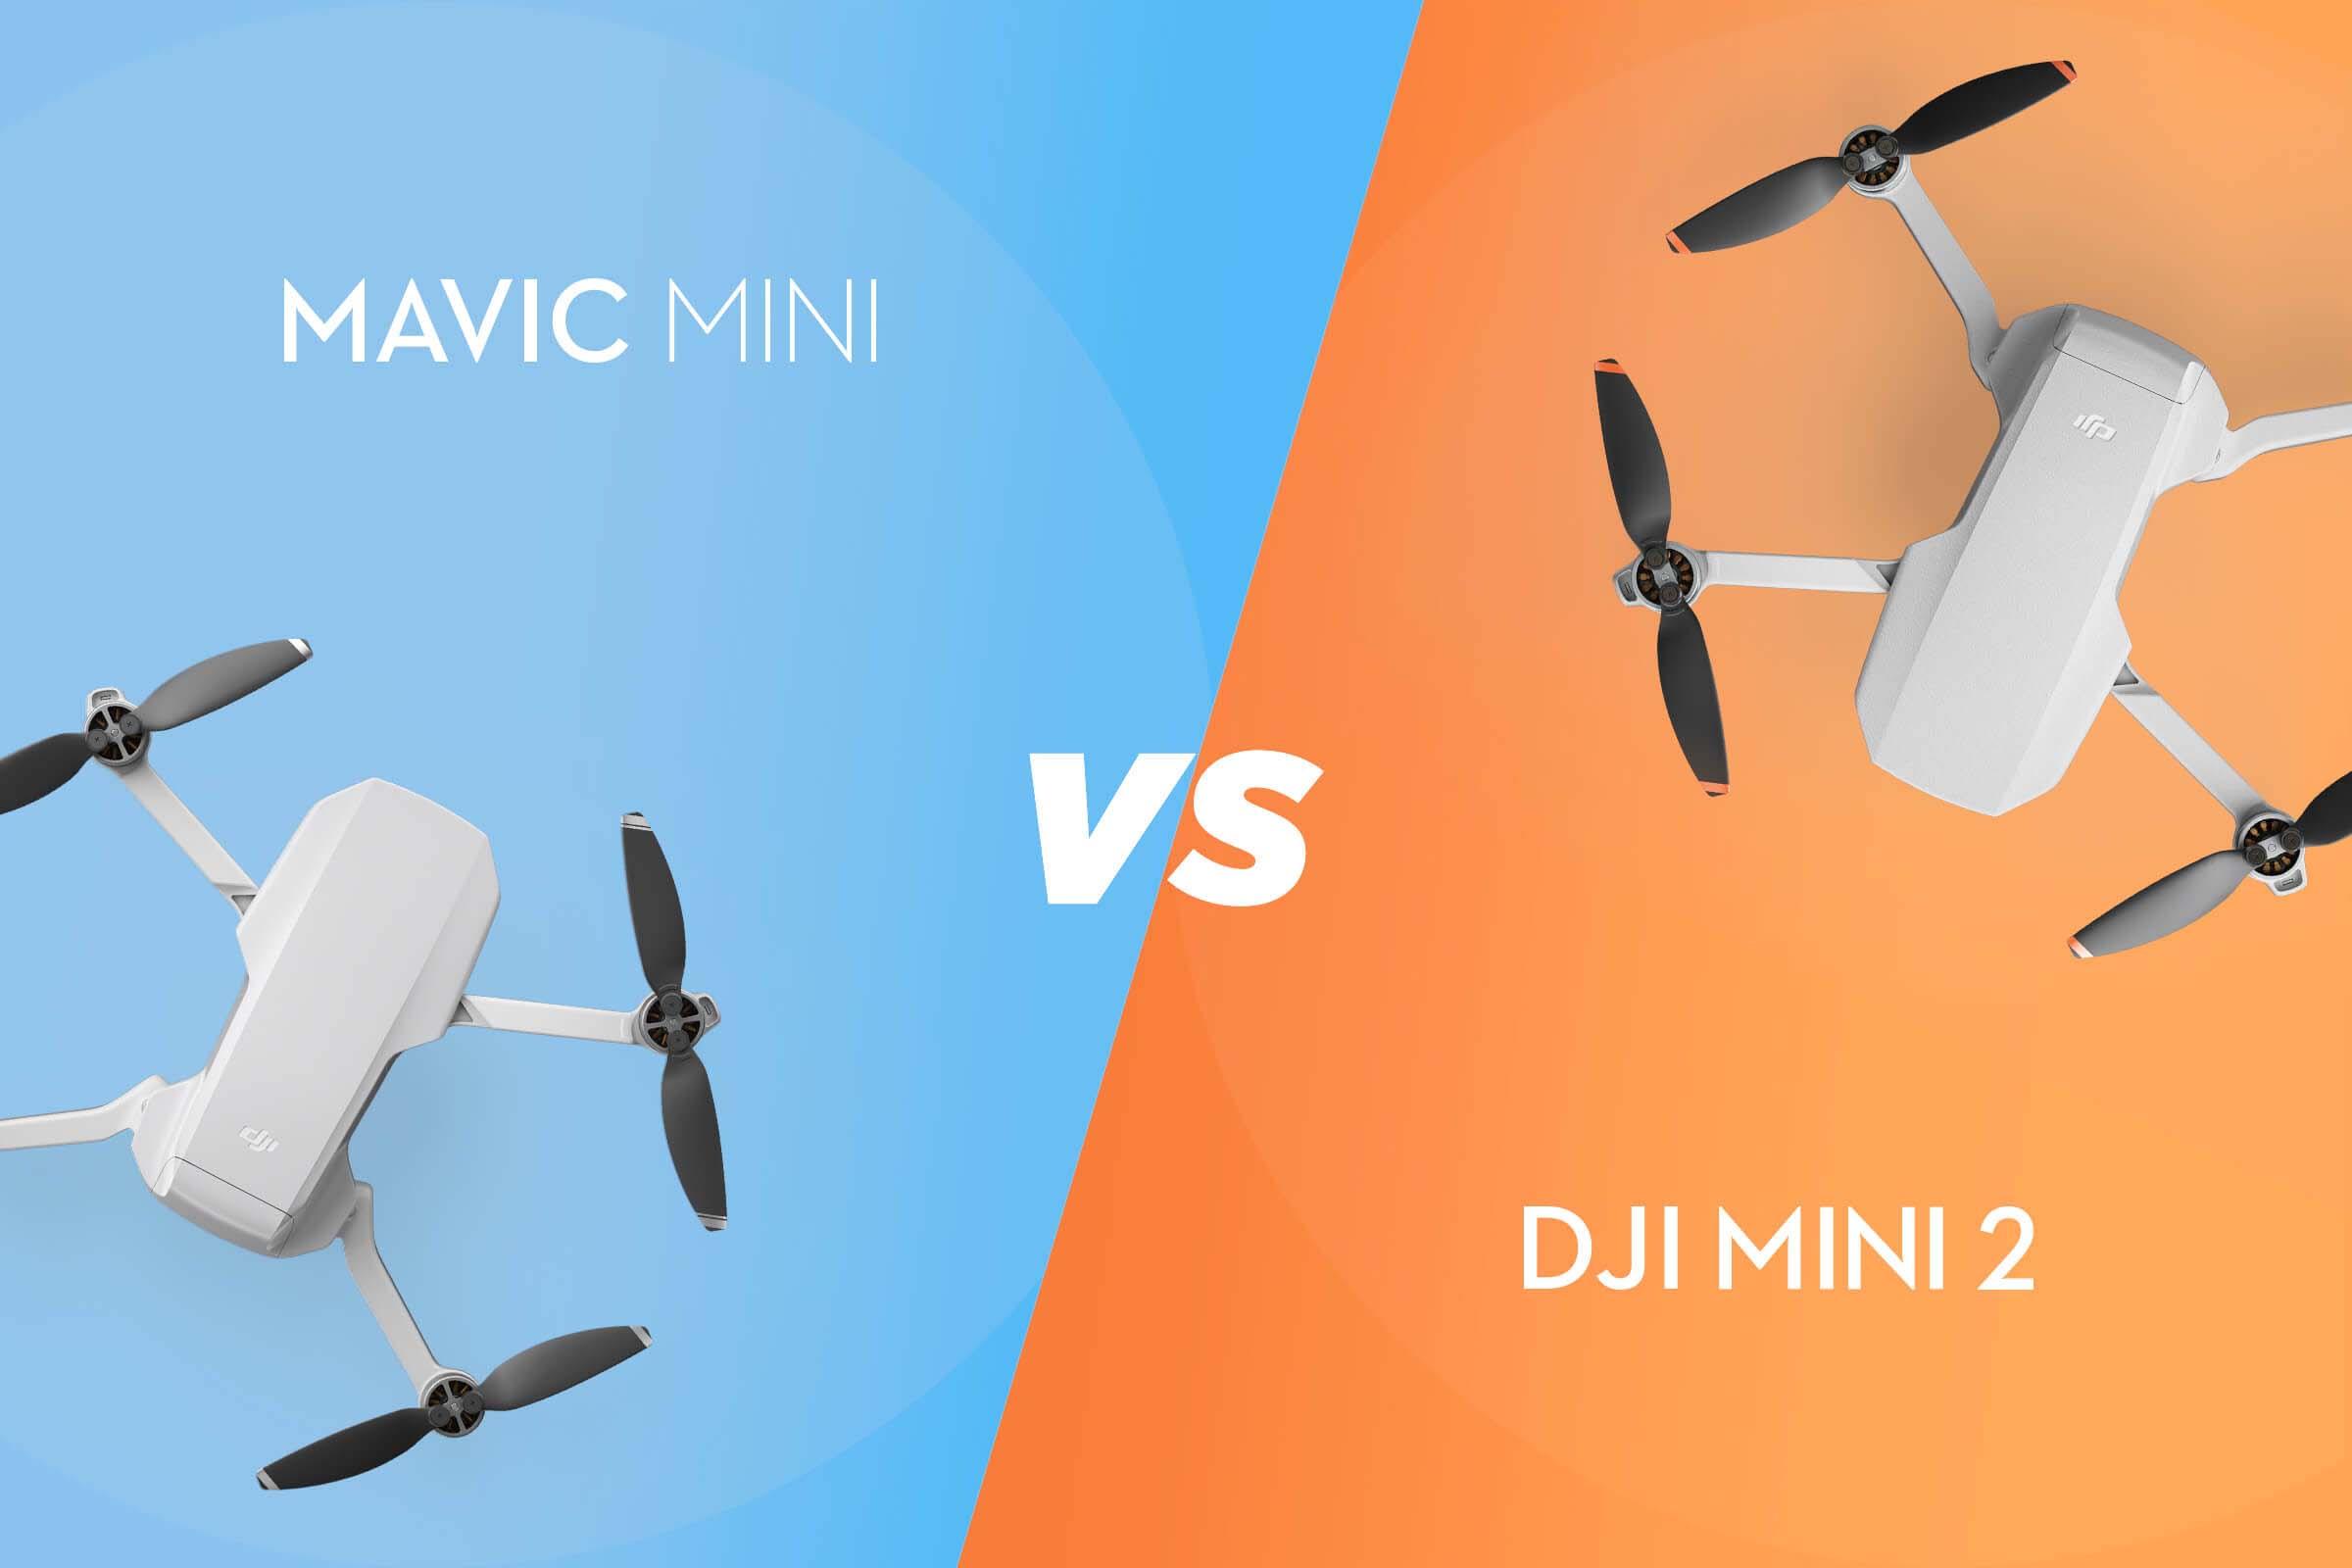 DJI Mini 2 có những gì khác biệt so với DJI Mavic Mini